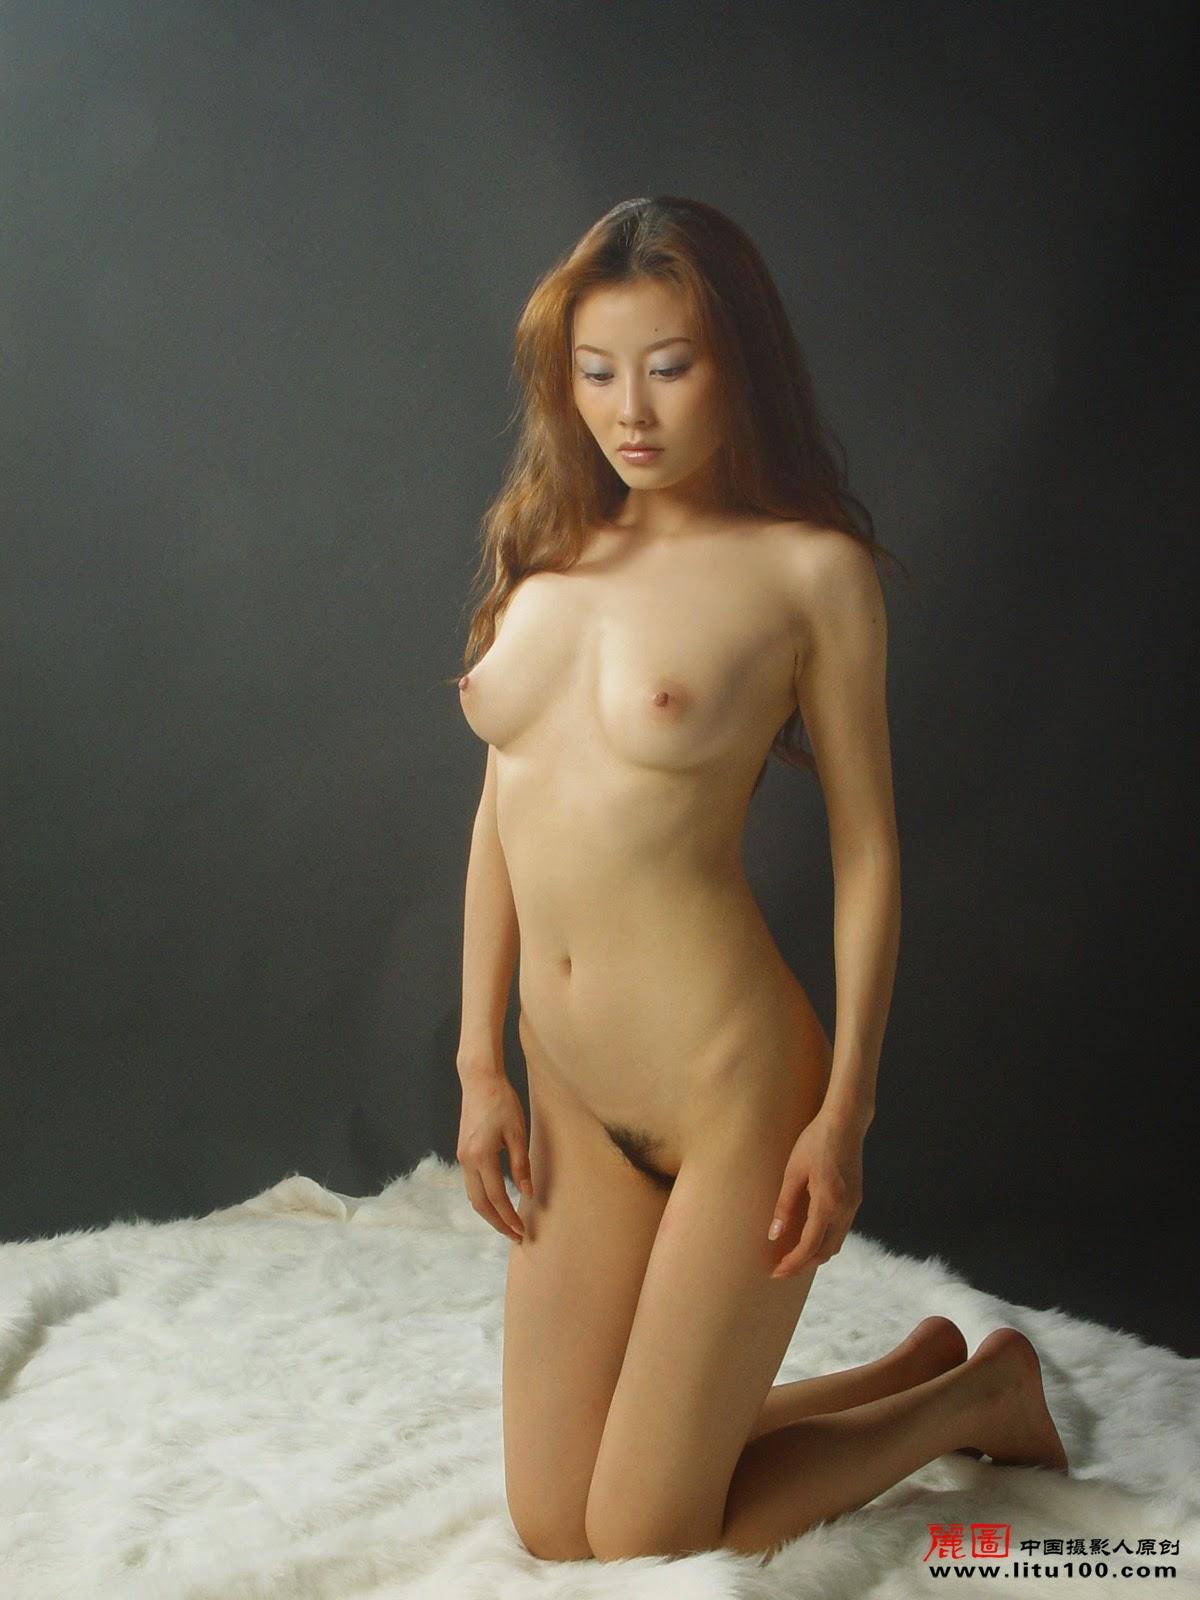 Chinese Nude Model Wang Dan Litu100  18 Gallery Photos -6573